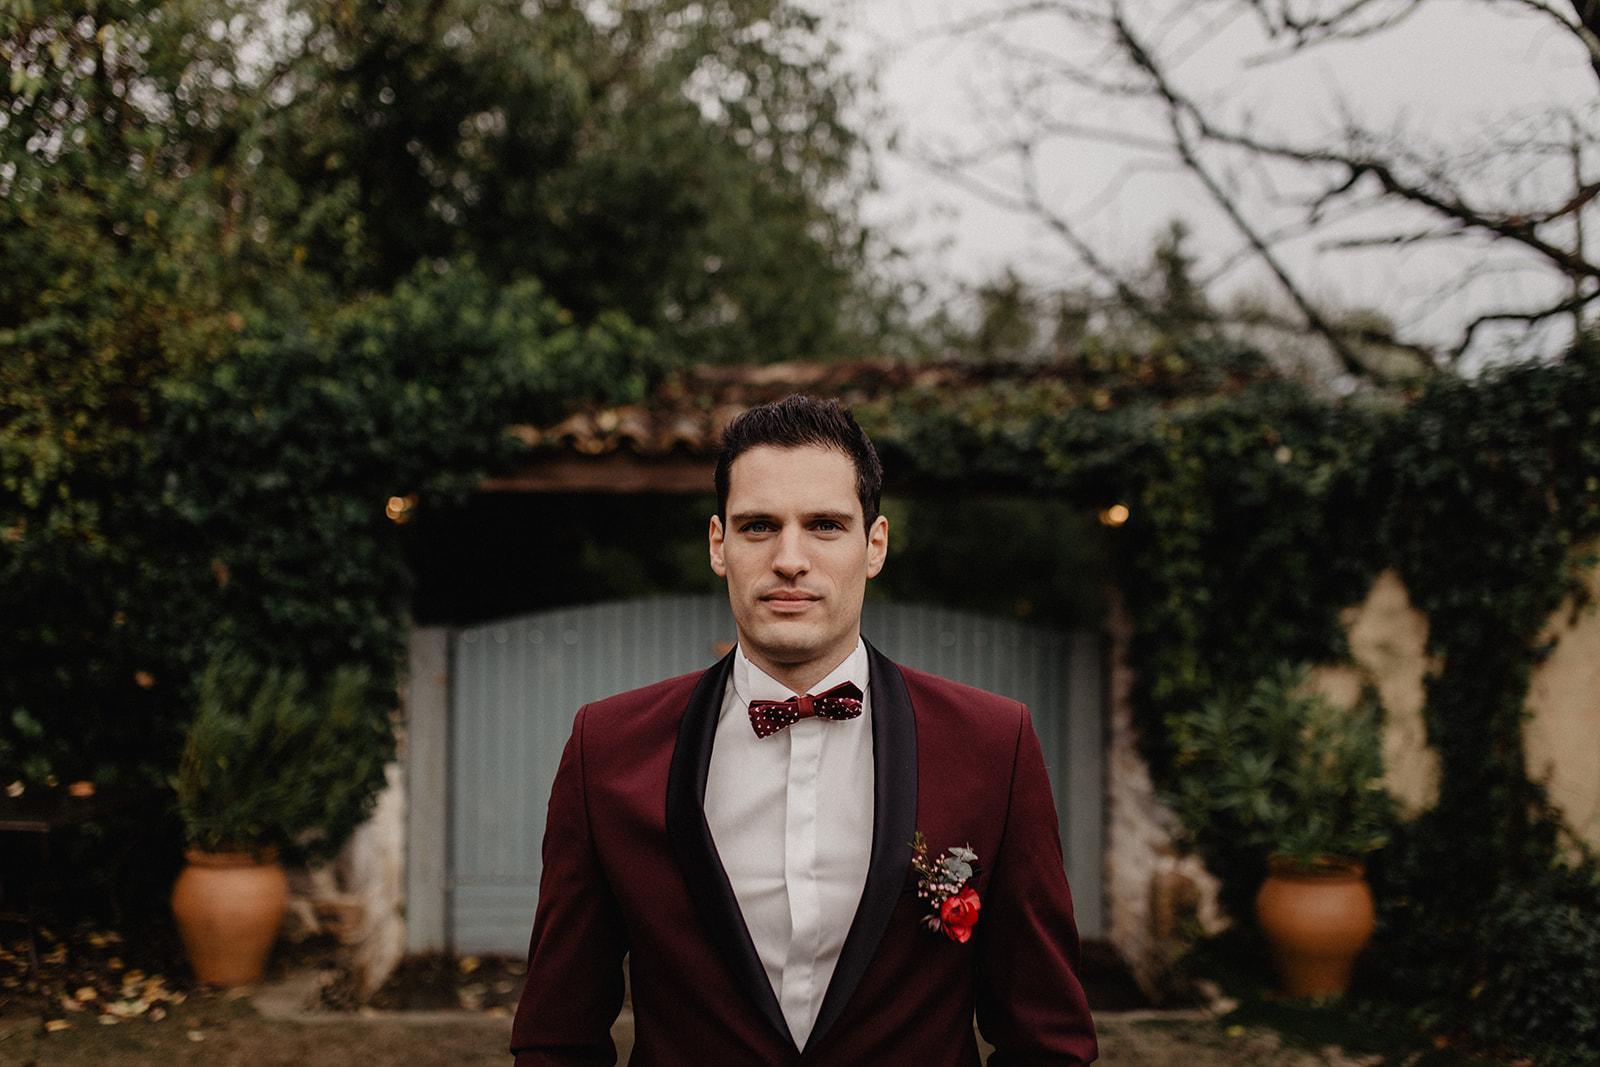 höstbröllop bröllopsinspiration vinröd kostym